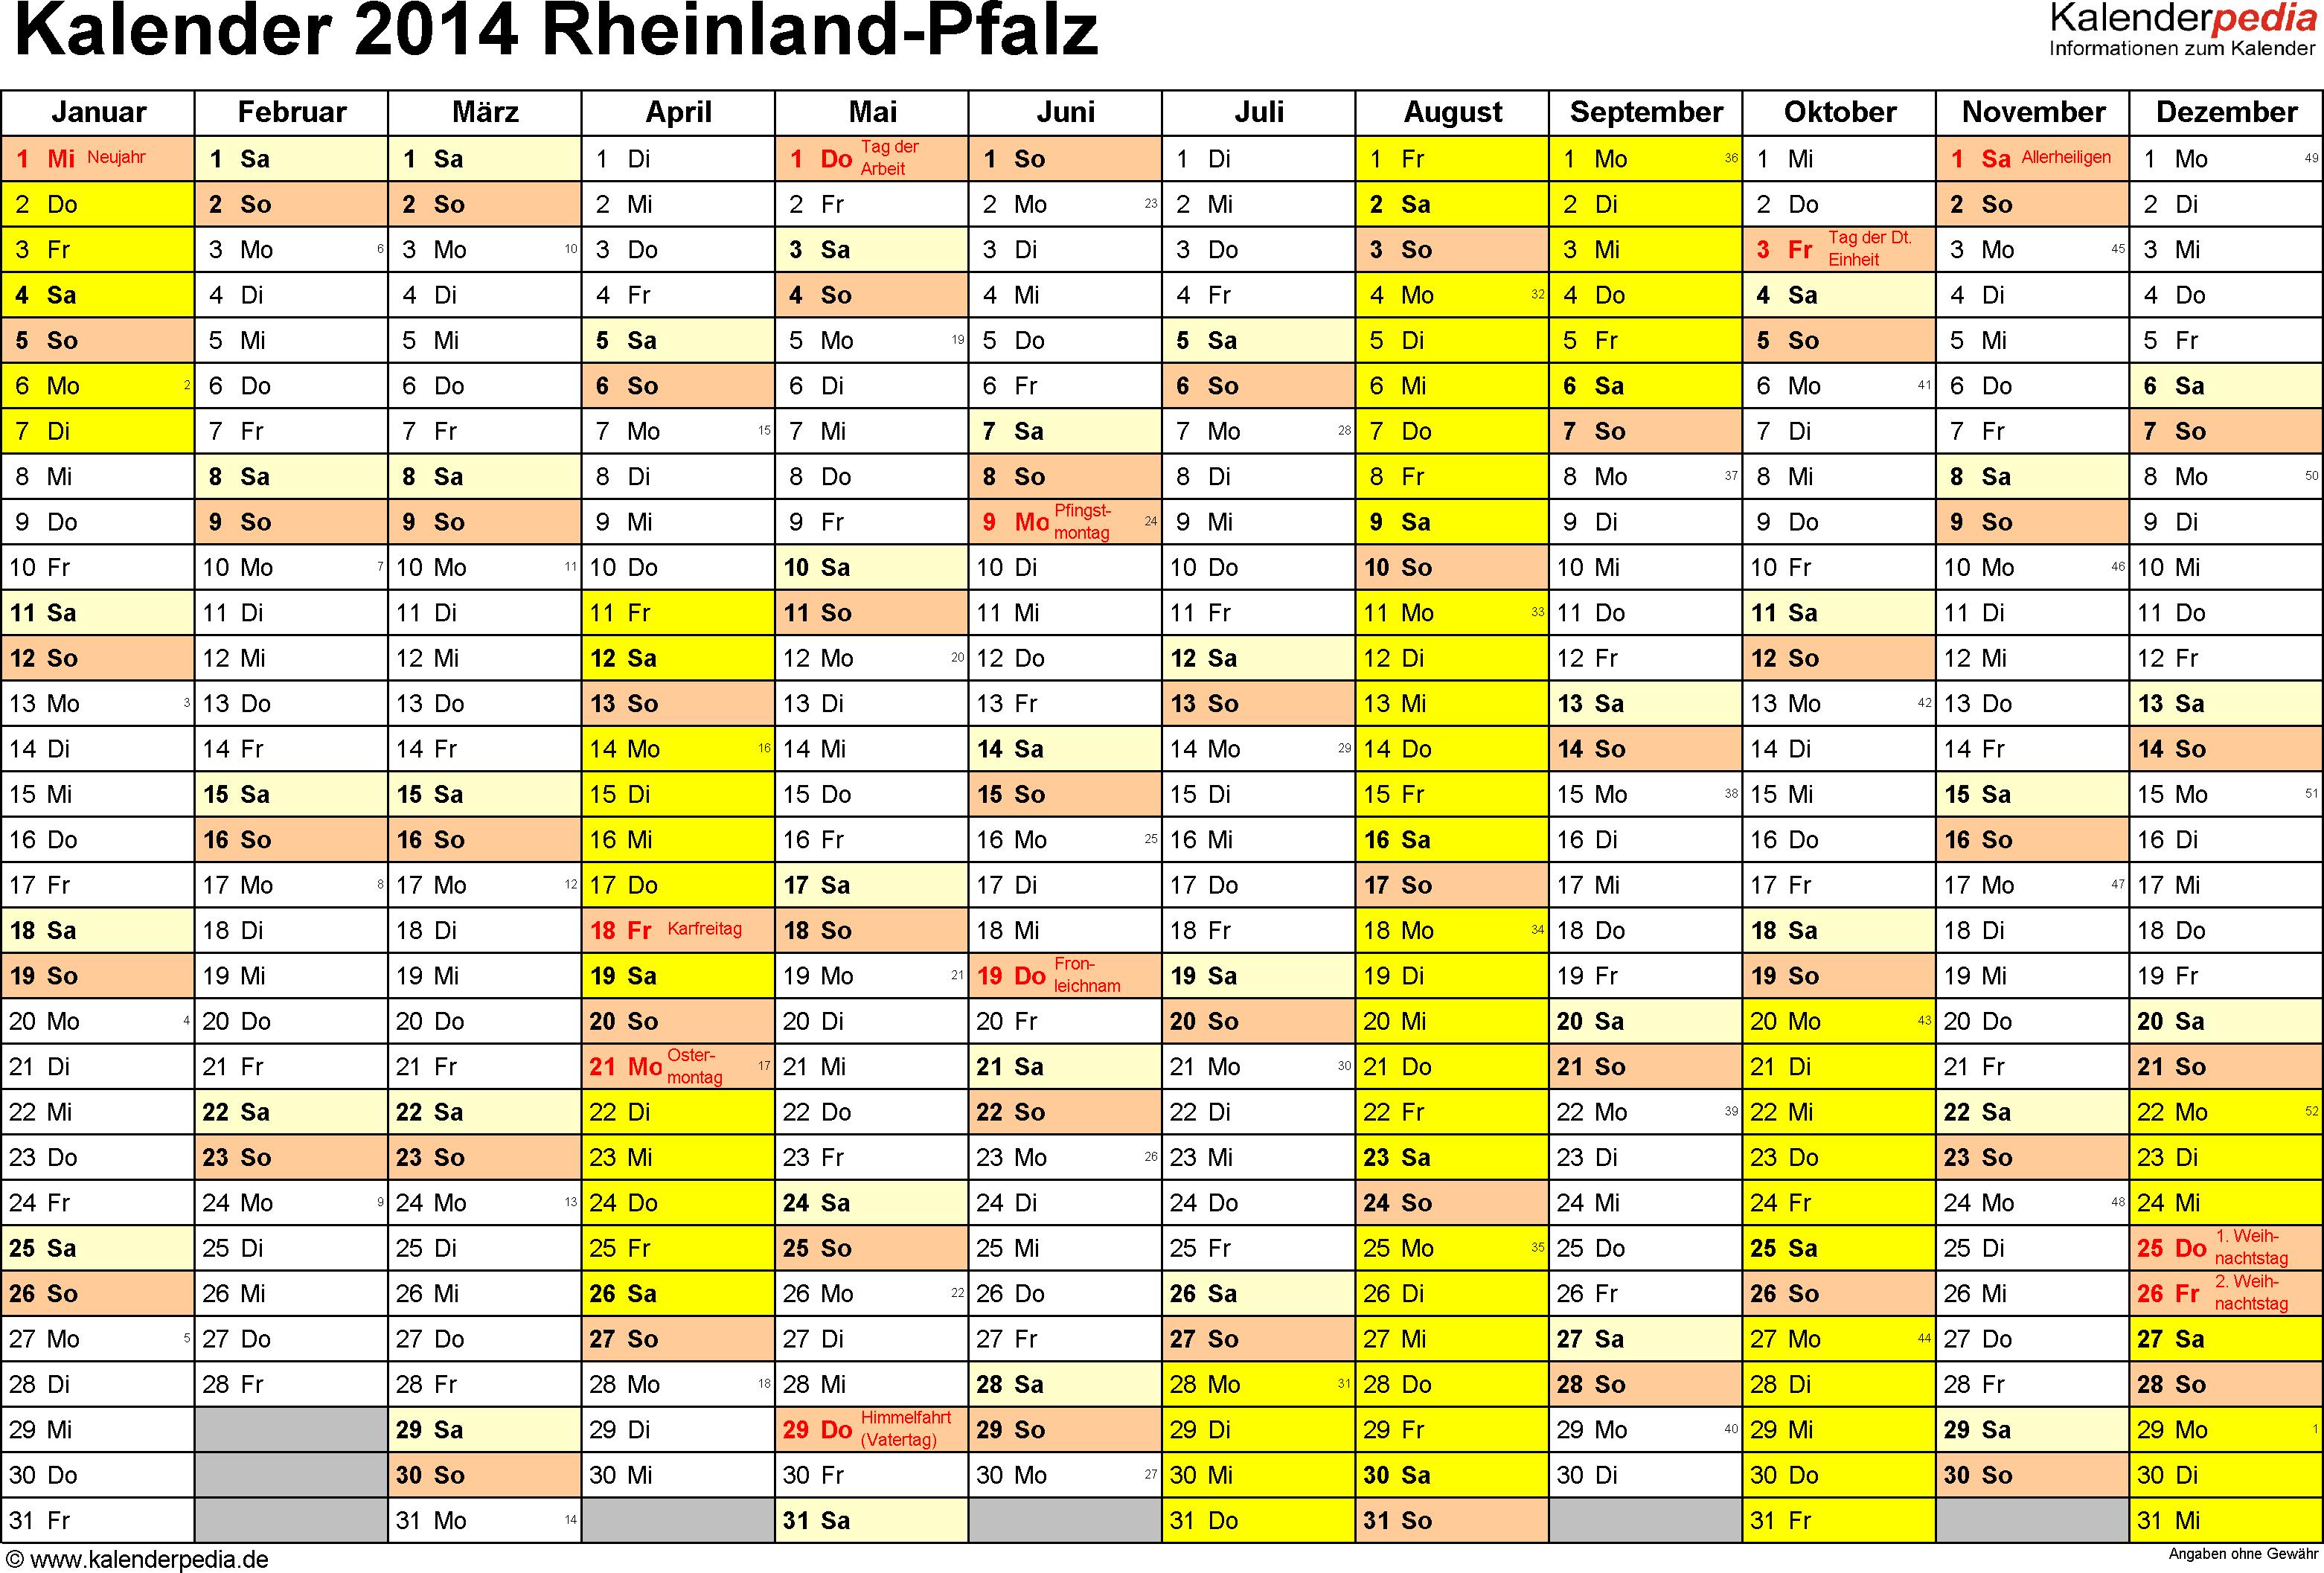 Vorlage 1: Kalender 2014 für Rheinland-Pfalz als Word-Vorlage (Querformat, 1 Seite)